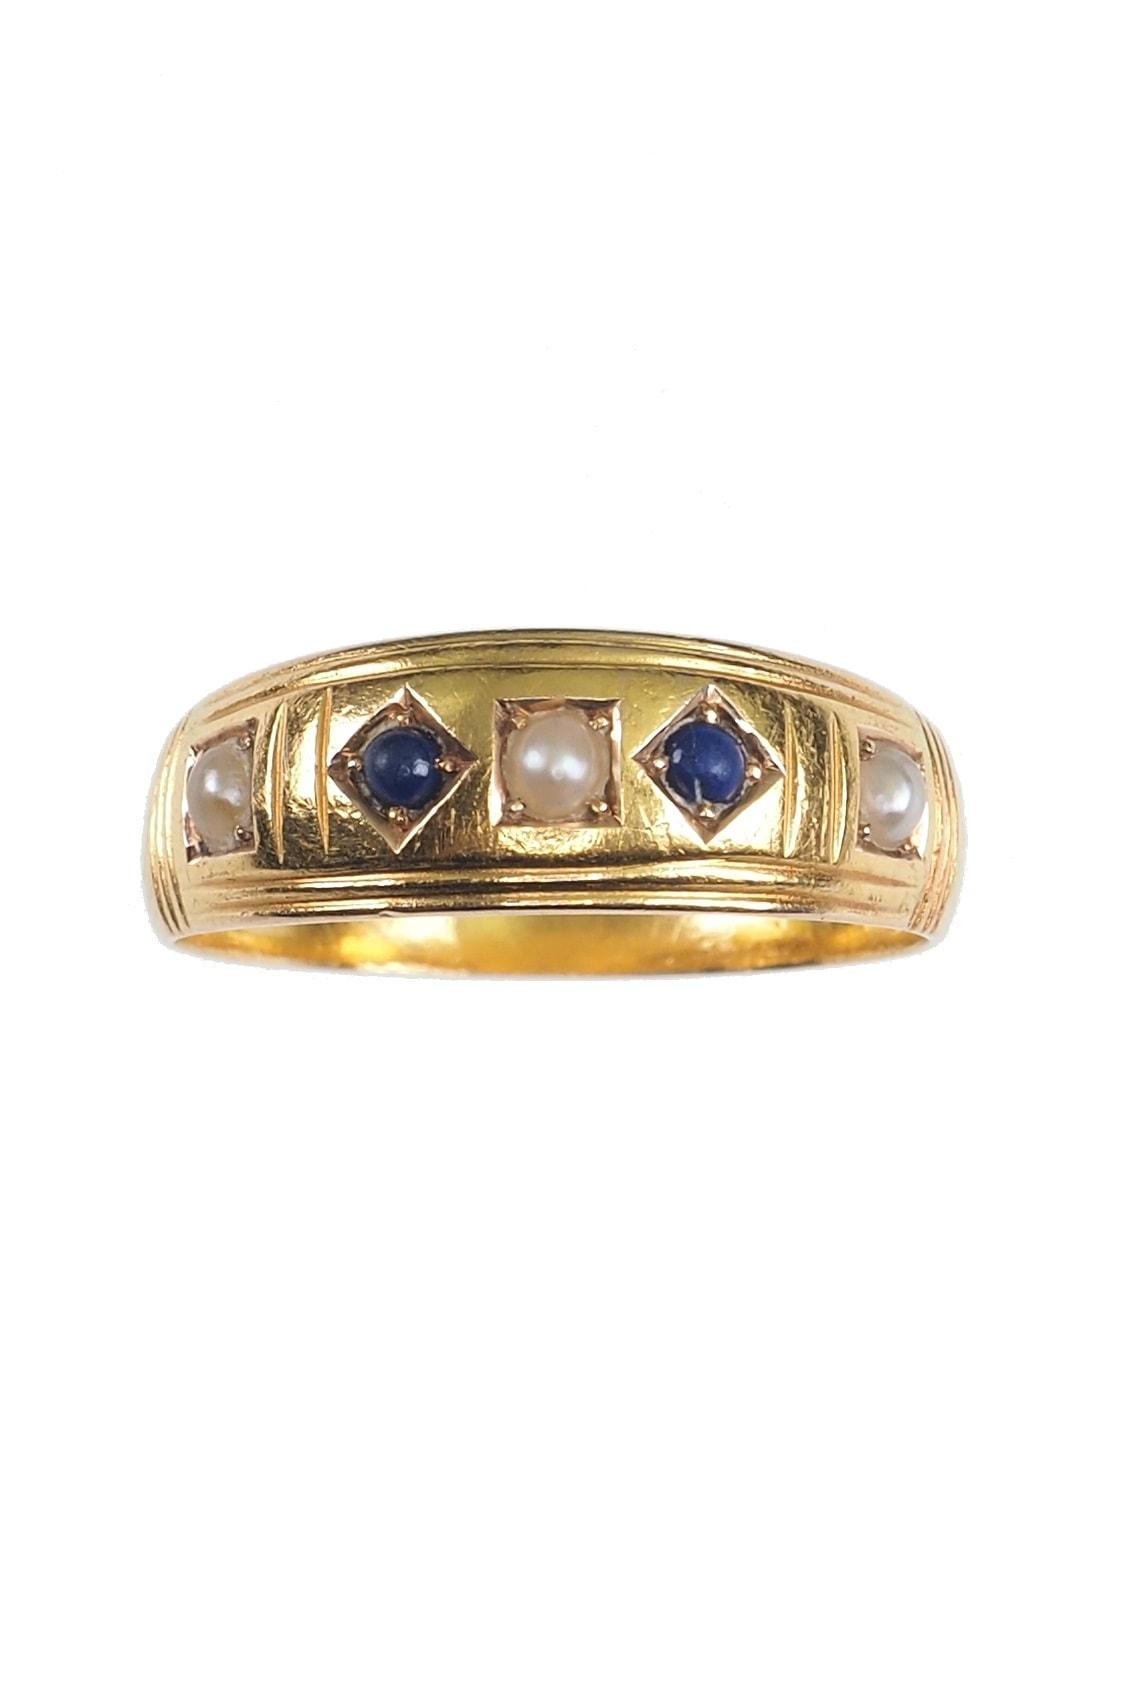 antike-Goldringe-kaufen-2348